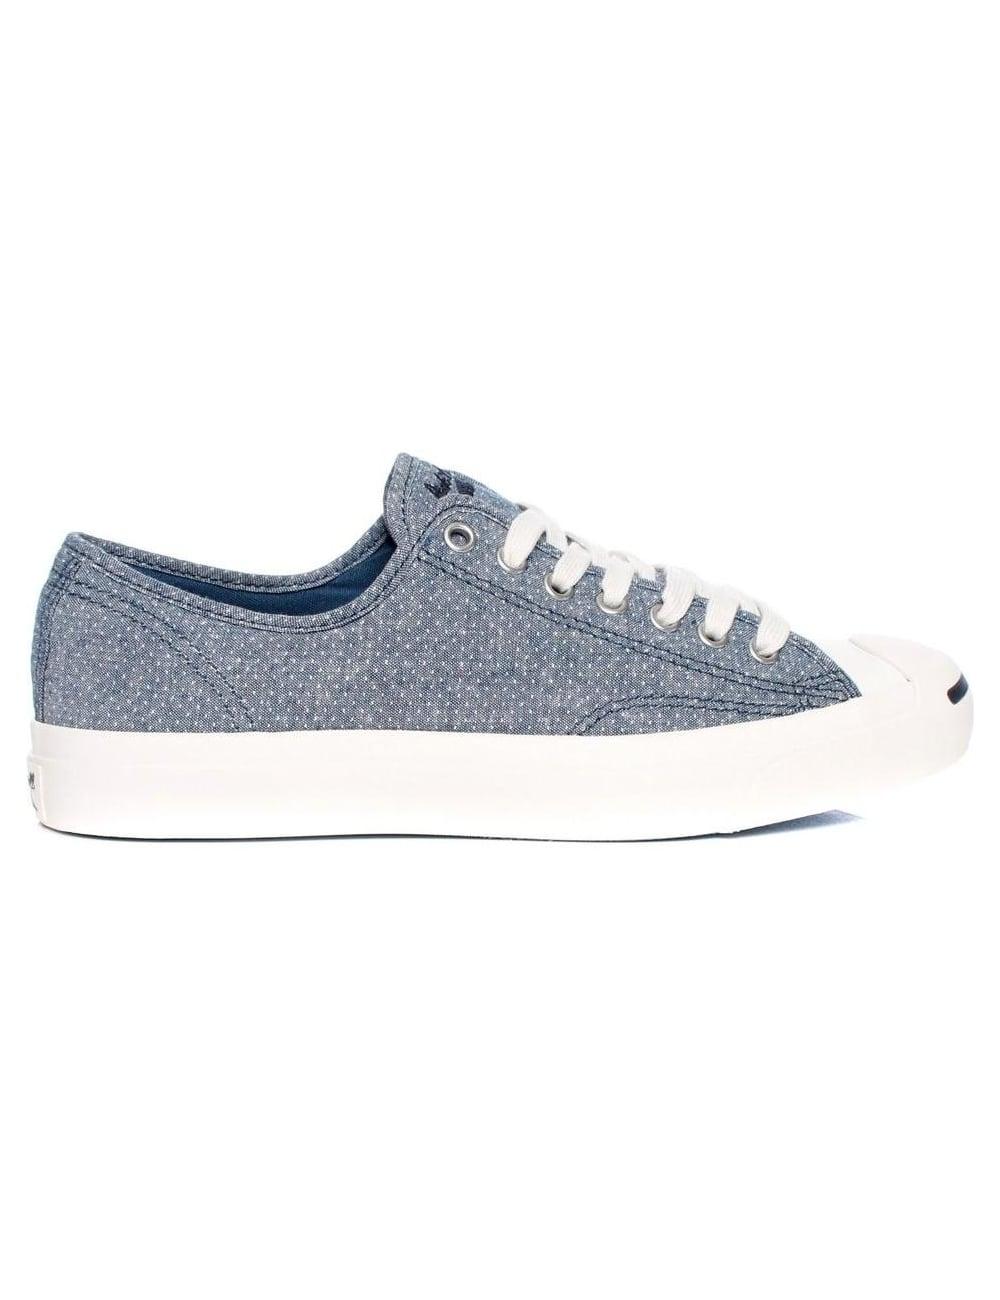 66fb4891c66b Converse Jack Purcell Jack Purcell LTT OX - Denim - Footwear from ...